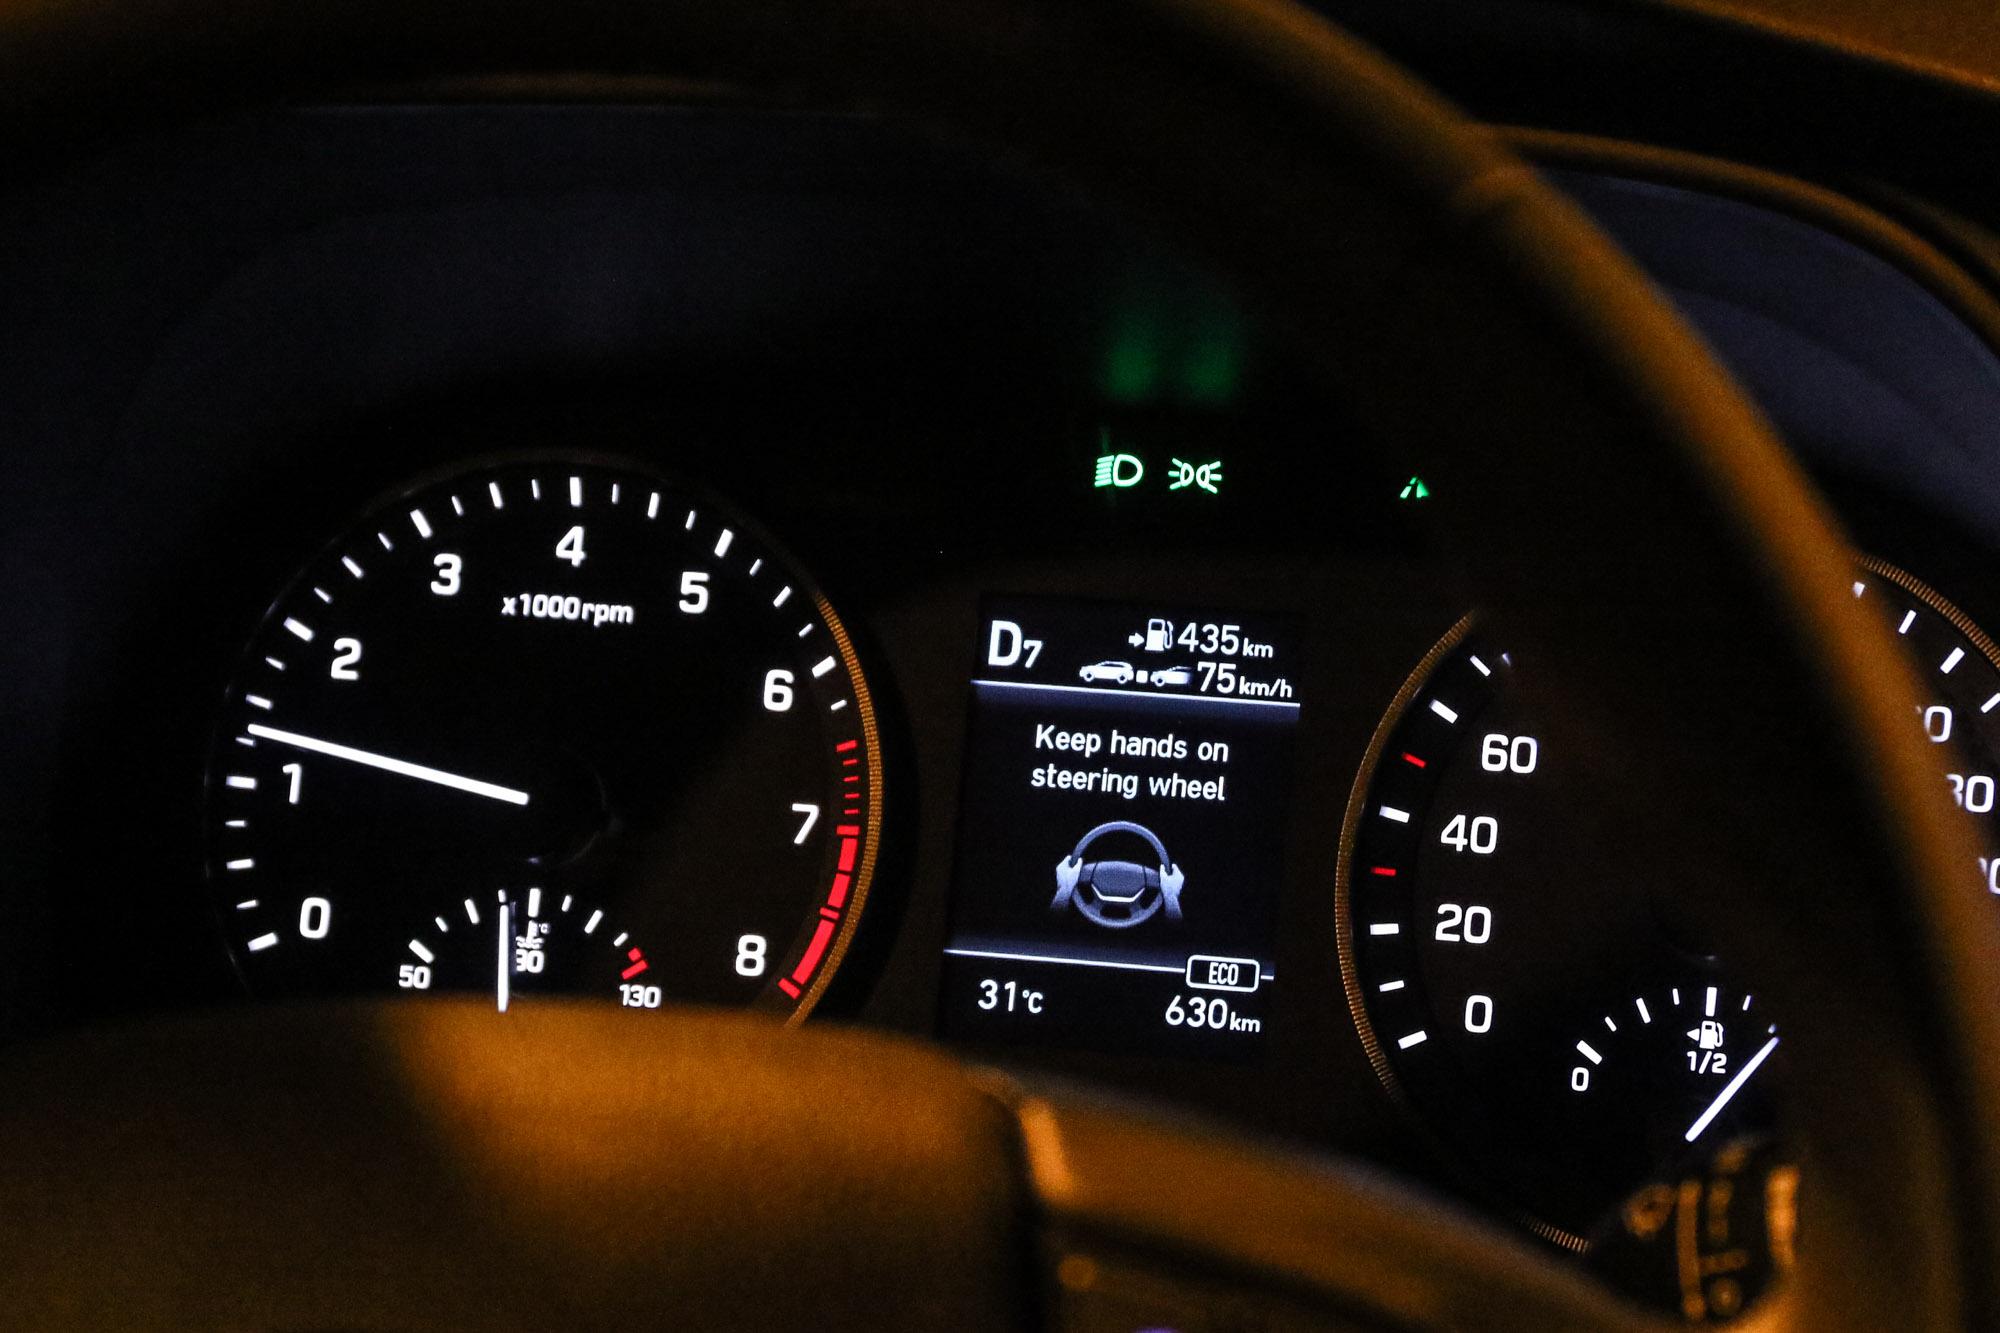 再次提醒,Hyundai SmartSense 主動安全科技仍謹遵人為主、科技為輔的邏輯,若刻意放雙手是會被提醒禁止這動作的!